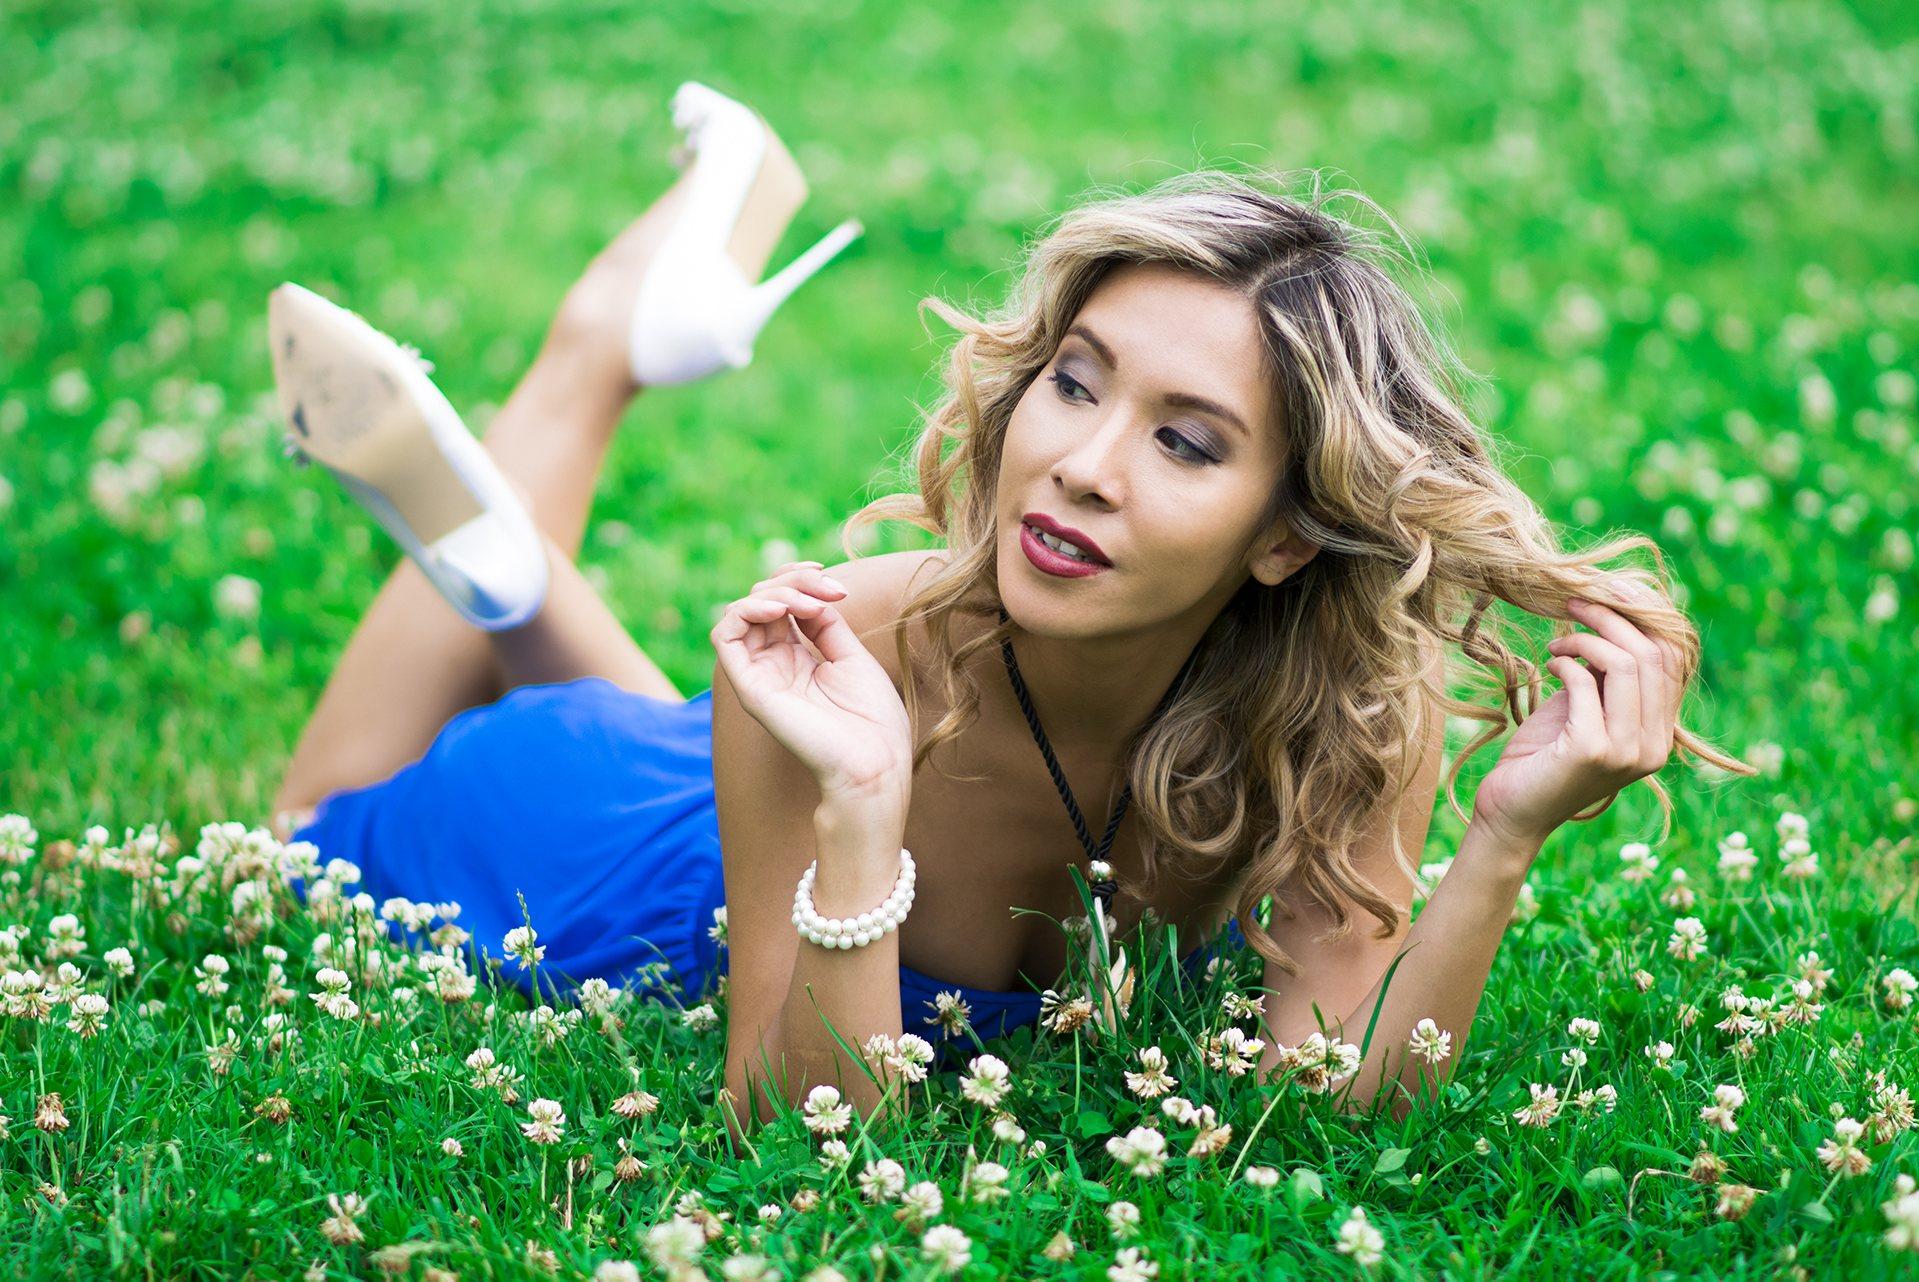 genève modèle mannequin suisse maquilleuse danseuse femme extérieur